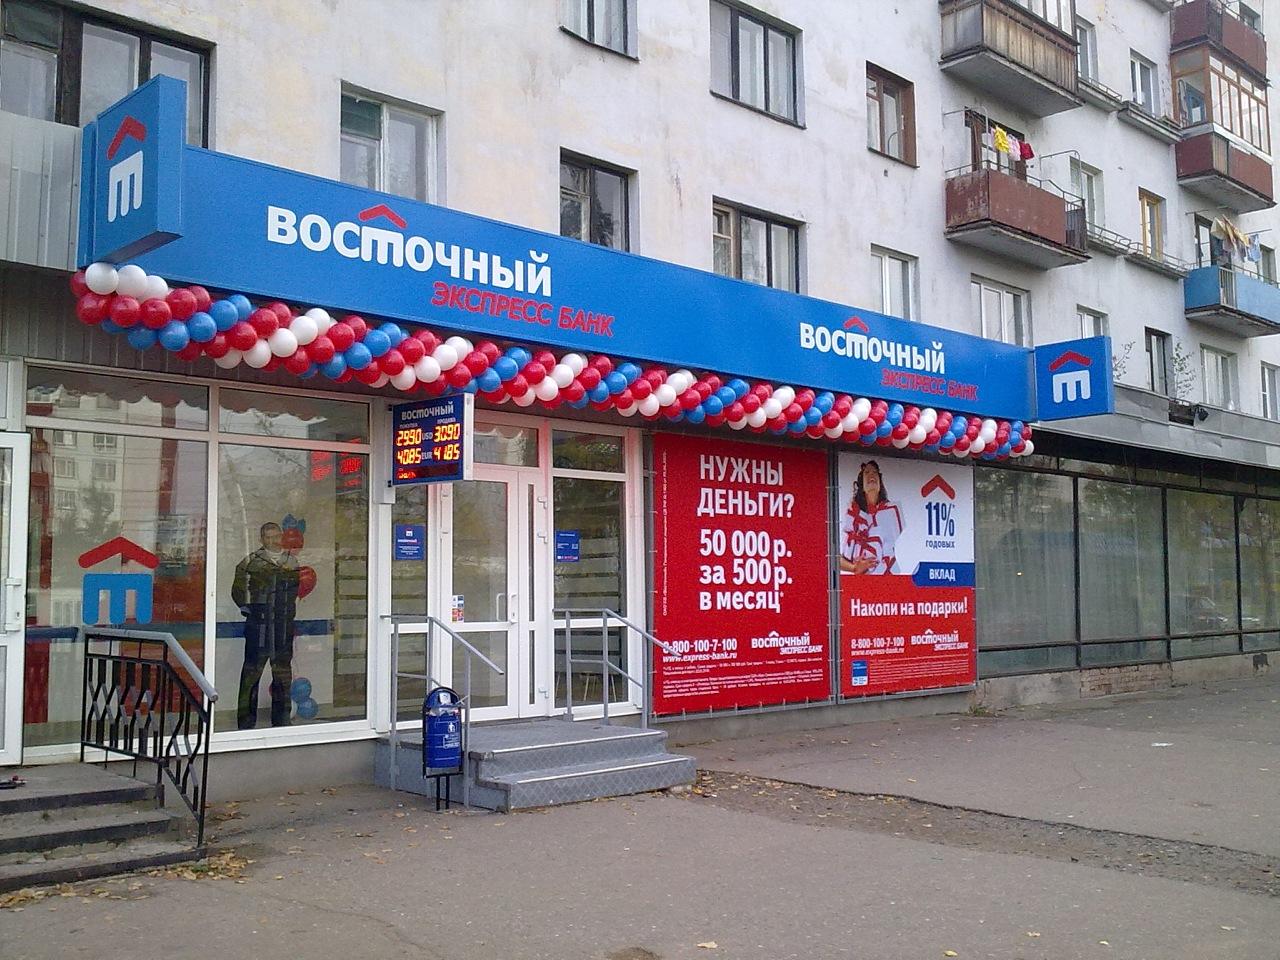 банк кредит москва суд осуществление кредитных операций в банке